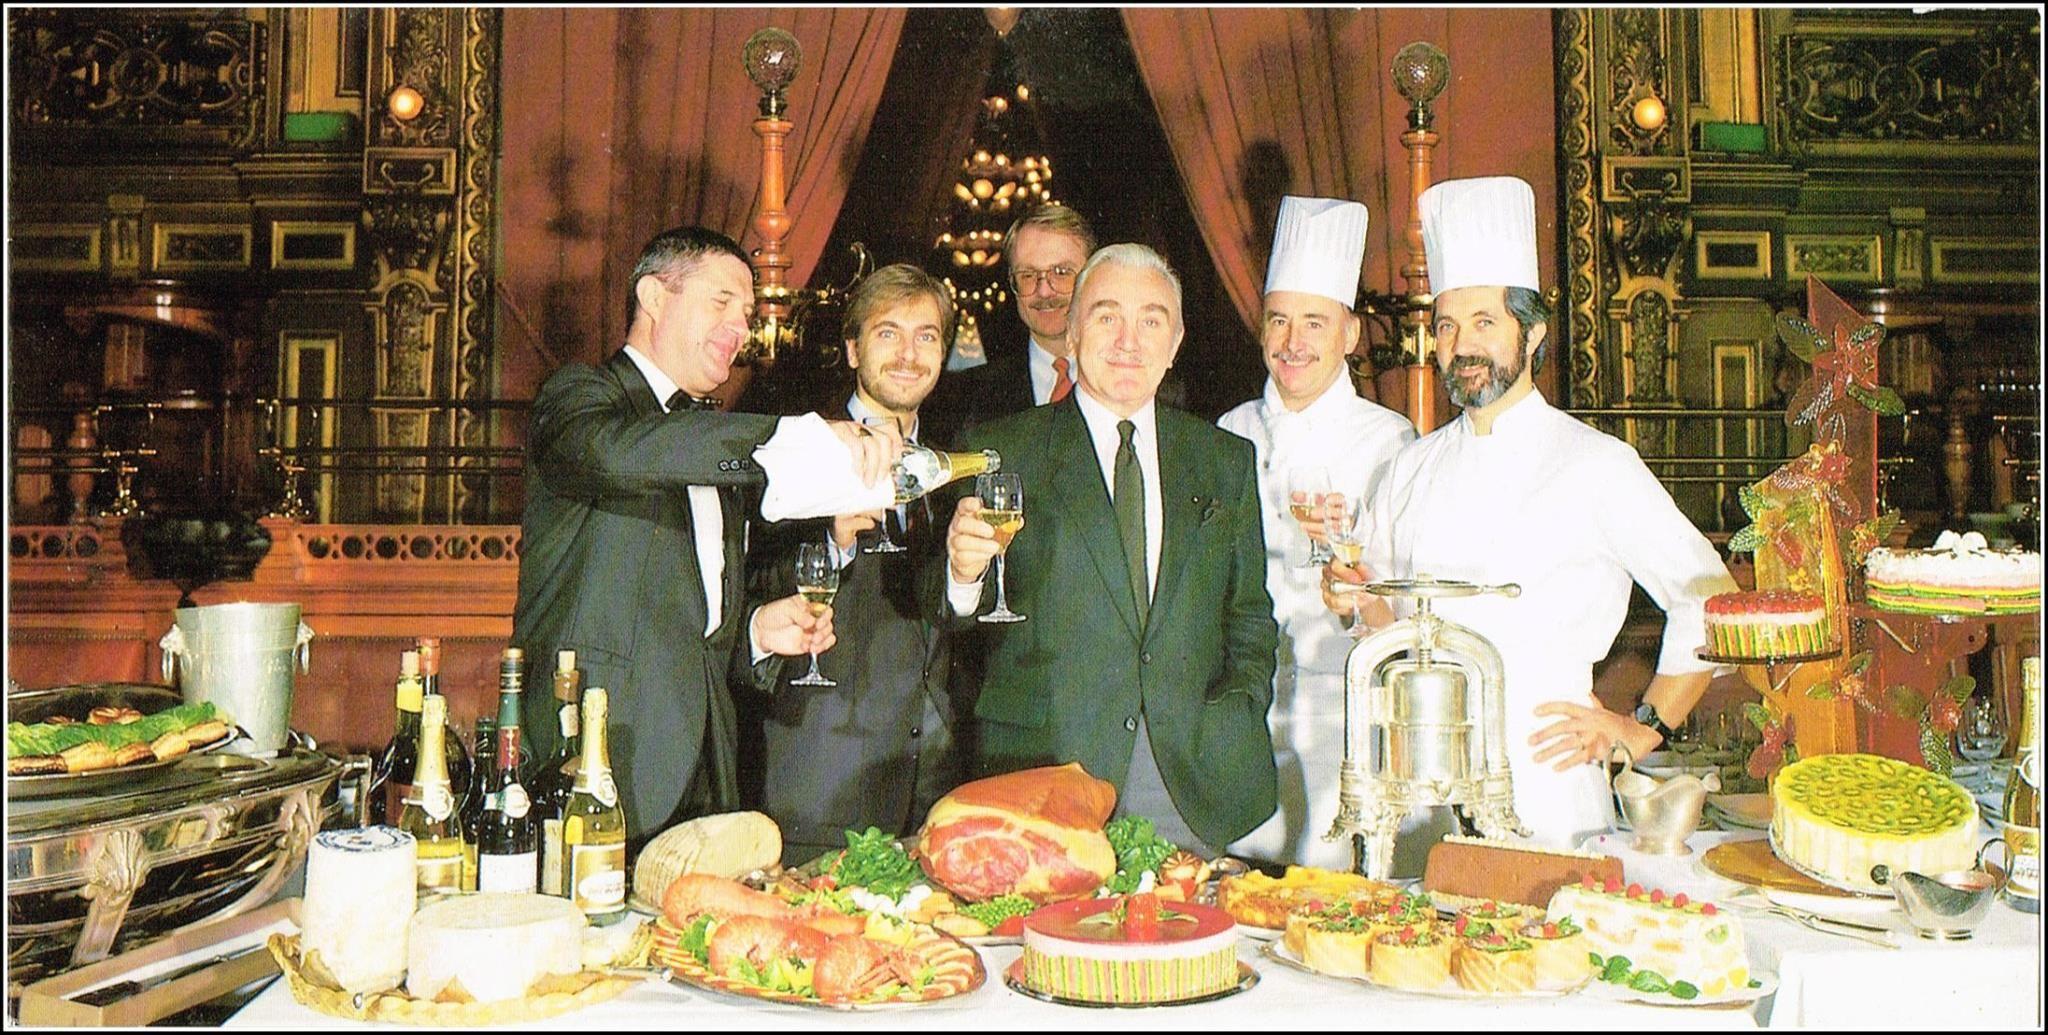 1988. Carte de voeux Le staff du restaurant Le Train Bleu